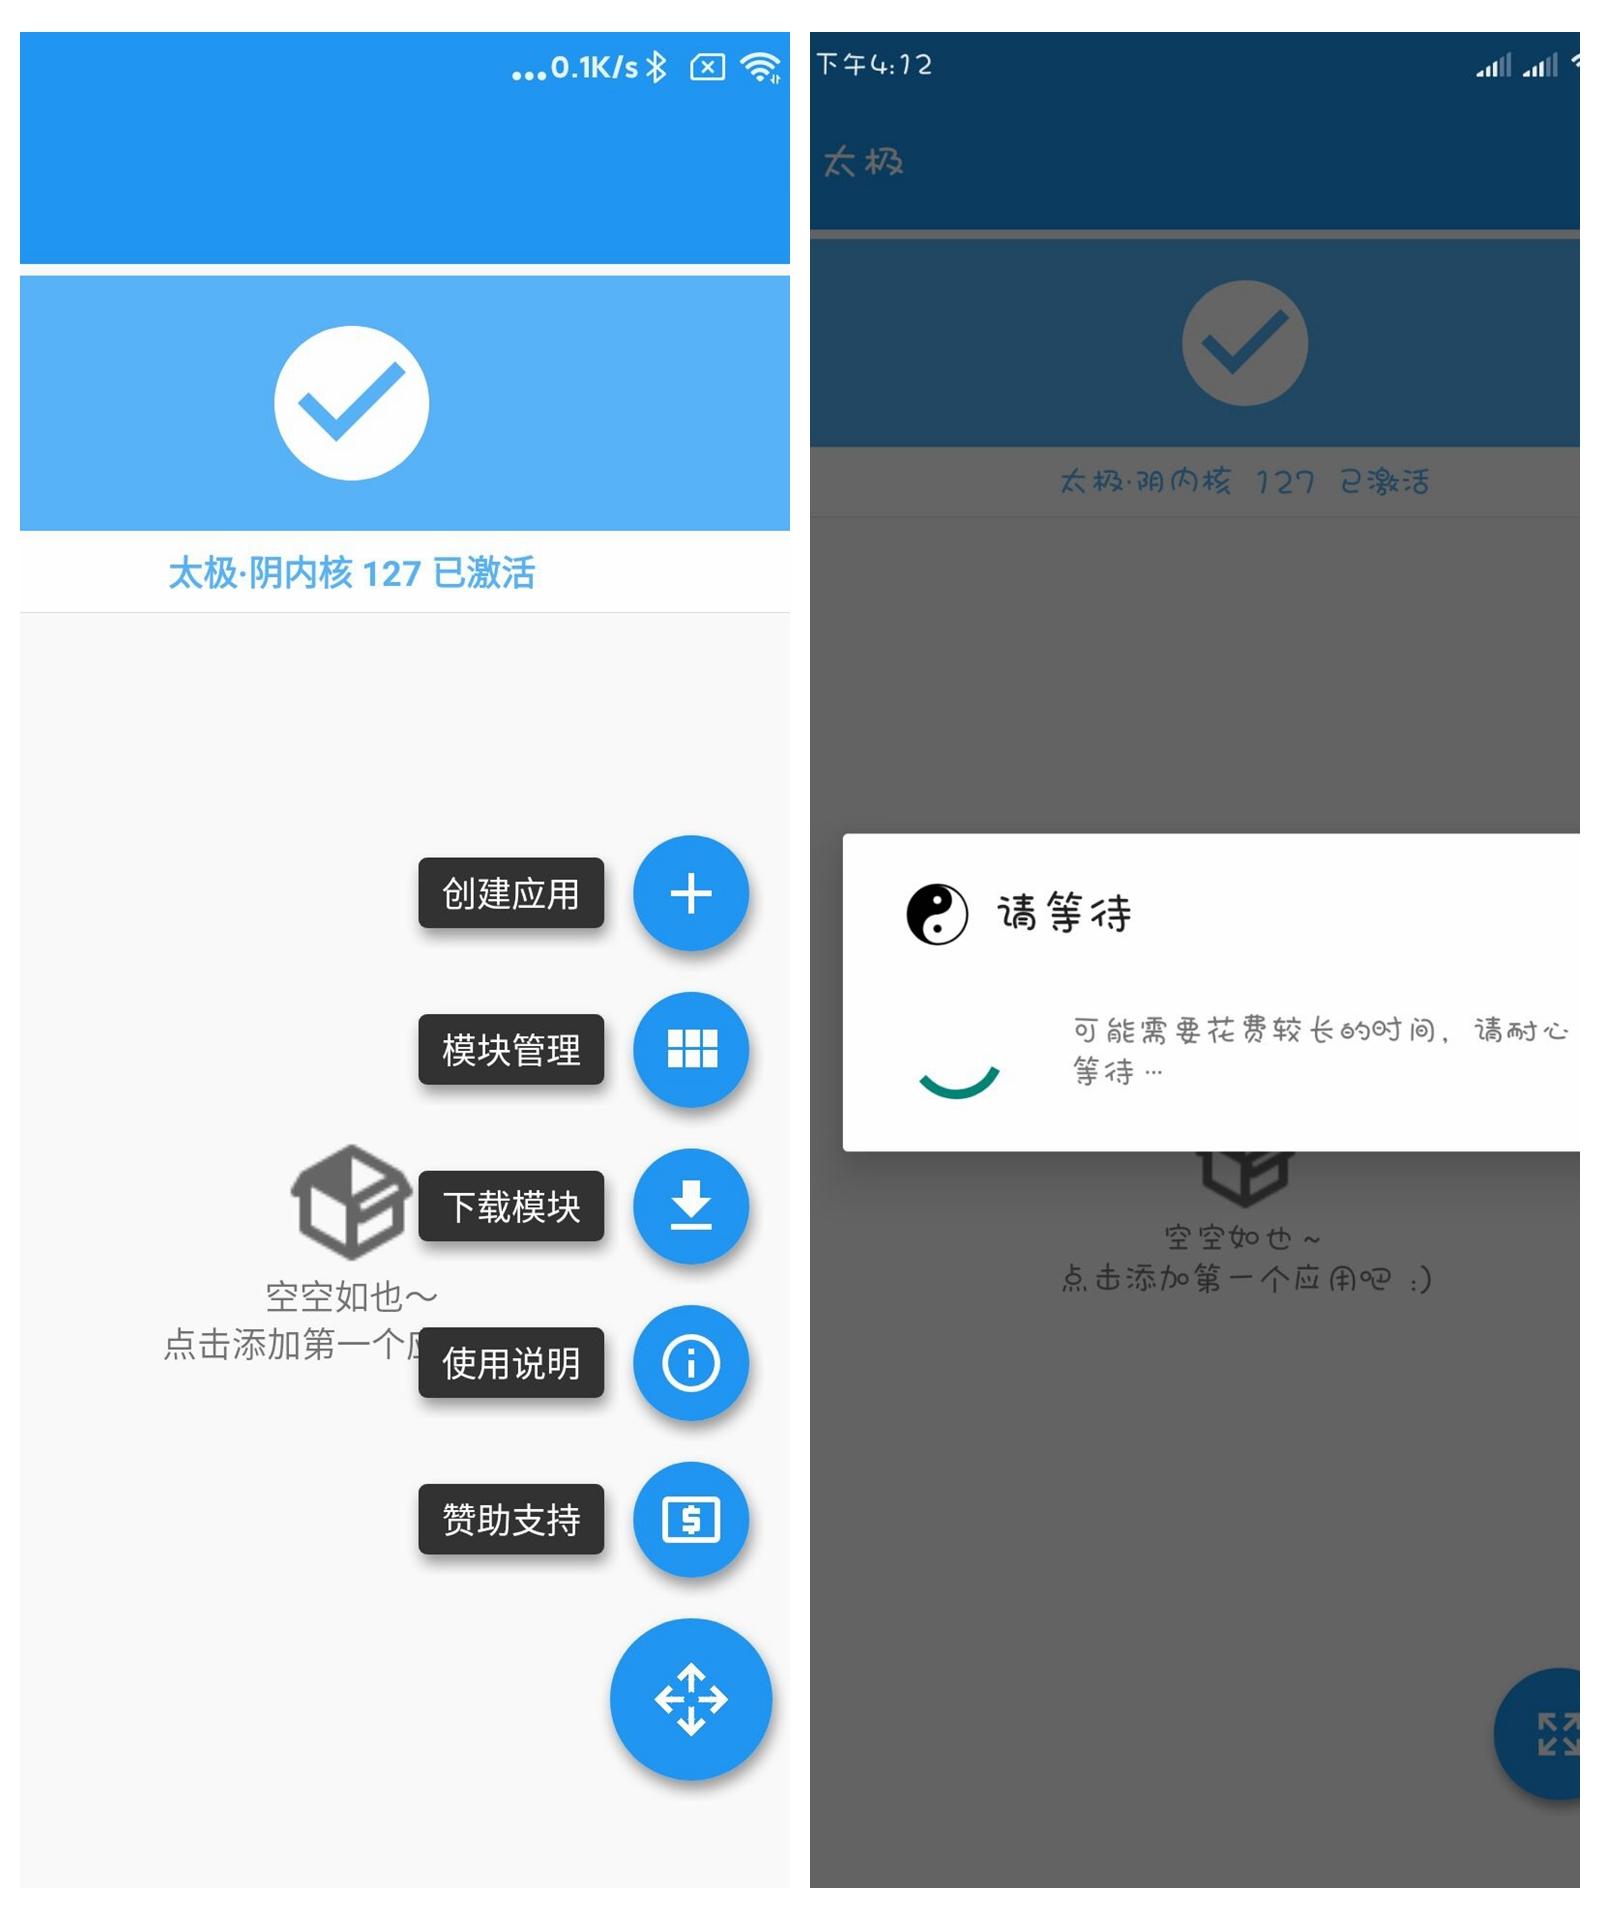 过年必备,QQ微信自动抢红包。破解闪照,防撤回-太极xp框架